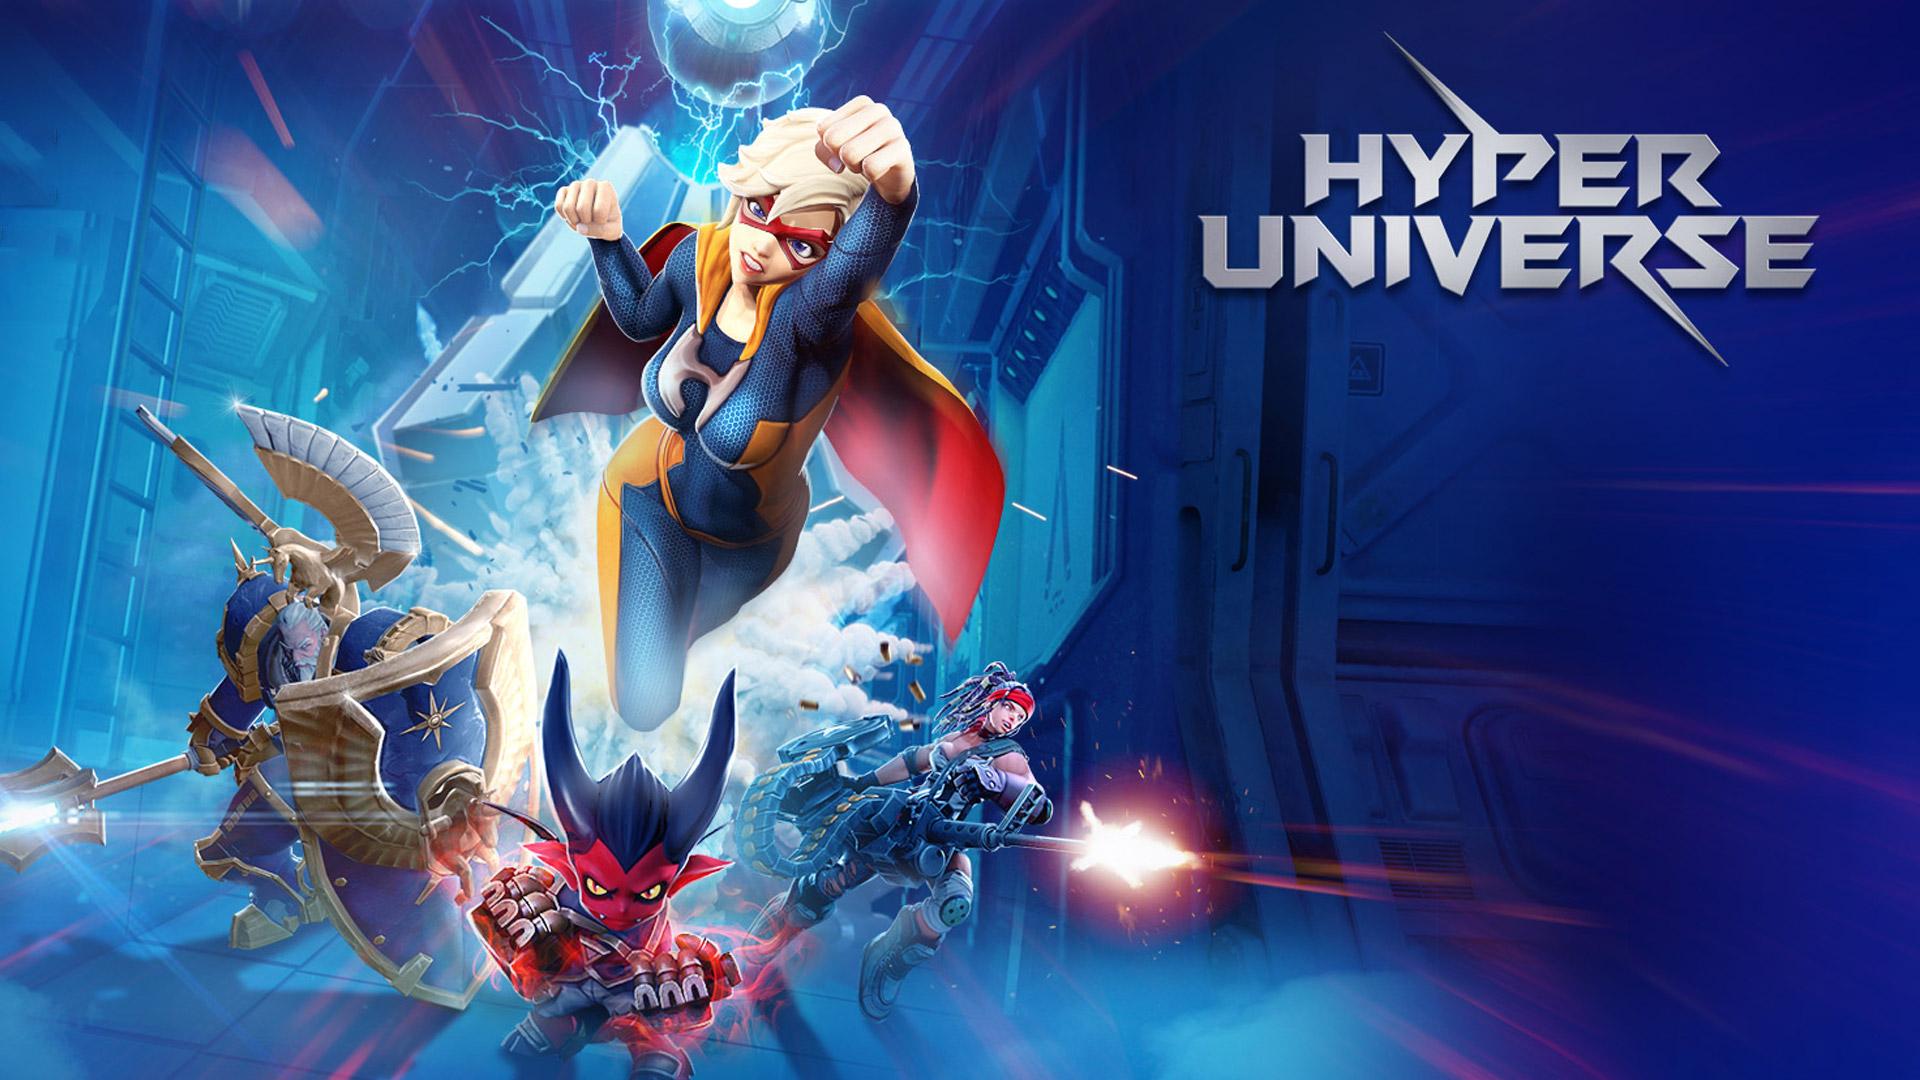 Hyper Universe Wallpaper in 1920x1080